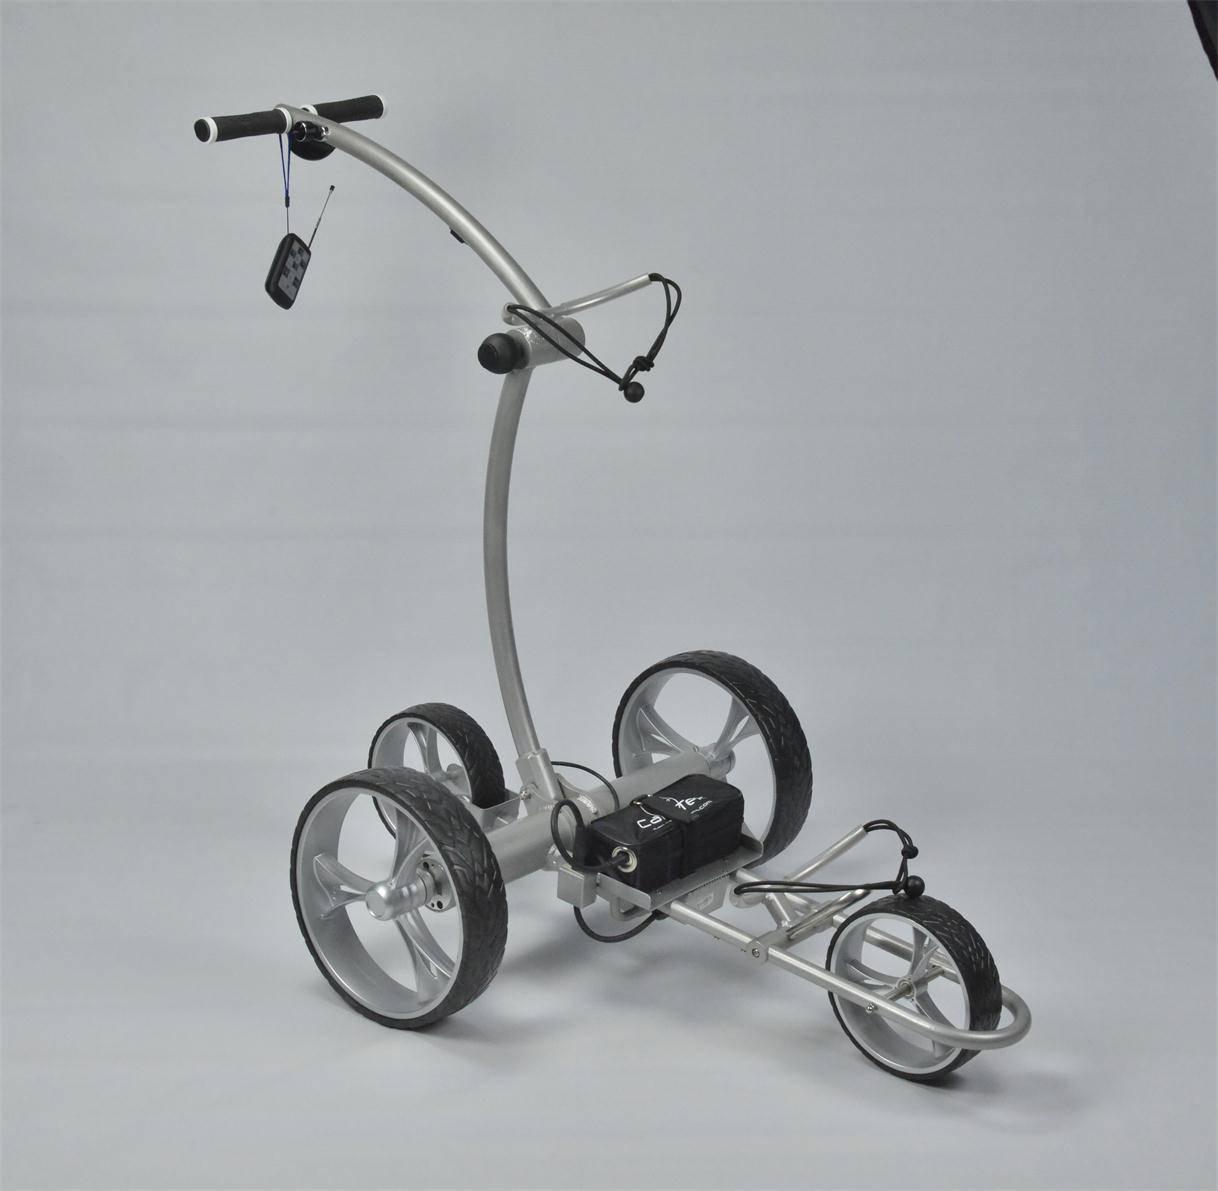 MC303RS remote control golf trolley